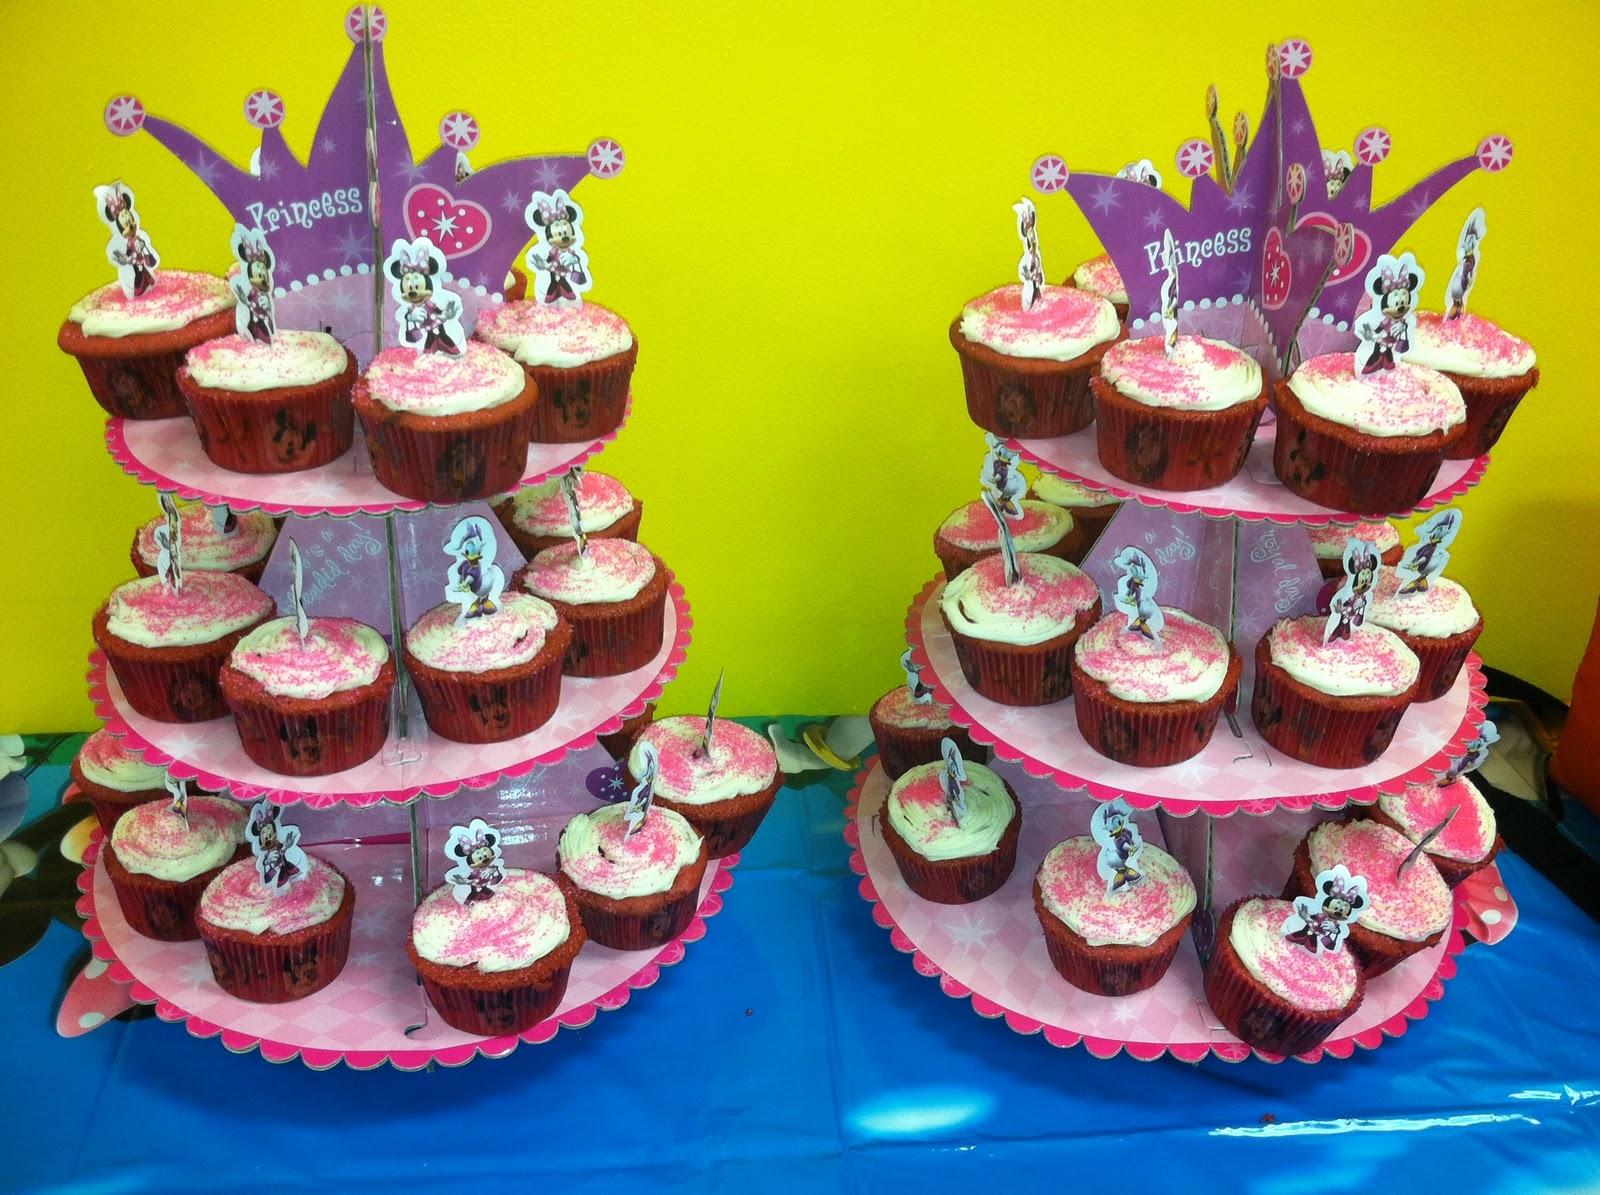 http://1.bp.blogspot.com/-owTKJPV99J8/TtYxuO4zPkI/AAAAAAAAAtw/tTvRTKZmMHA/s1600/celebrity+post+minnie+cupcakes.JPG